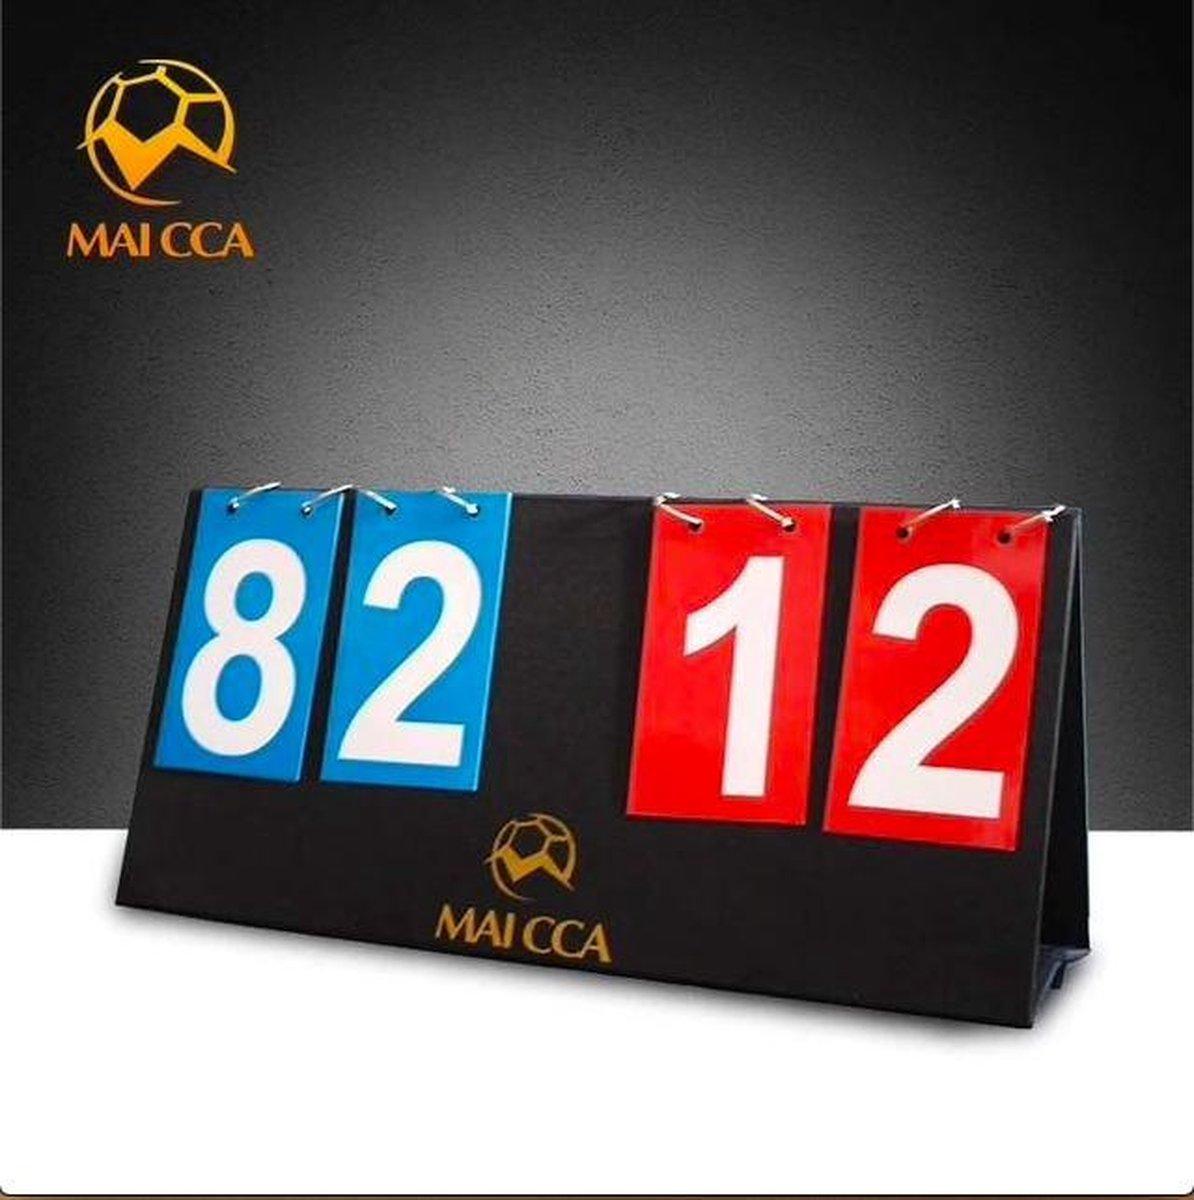 Maicca Scorebord